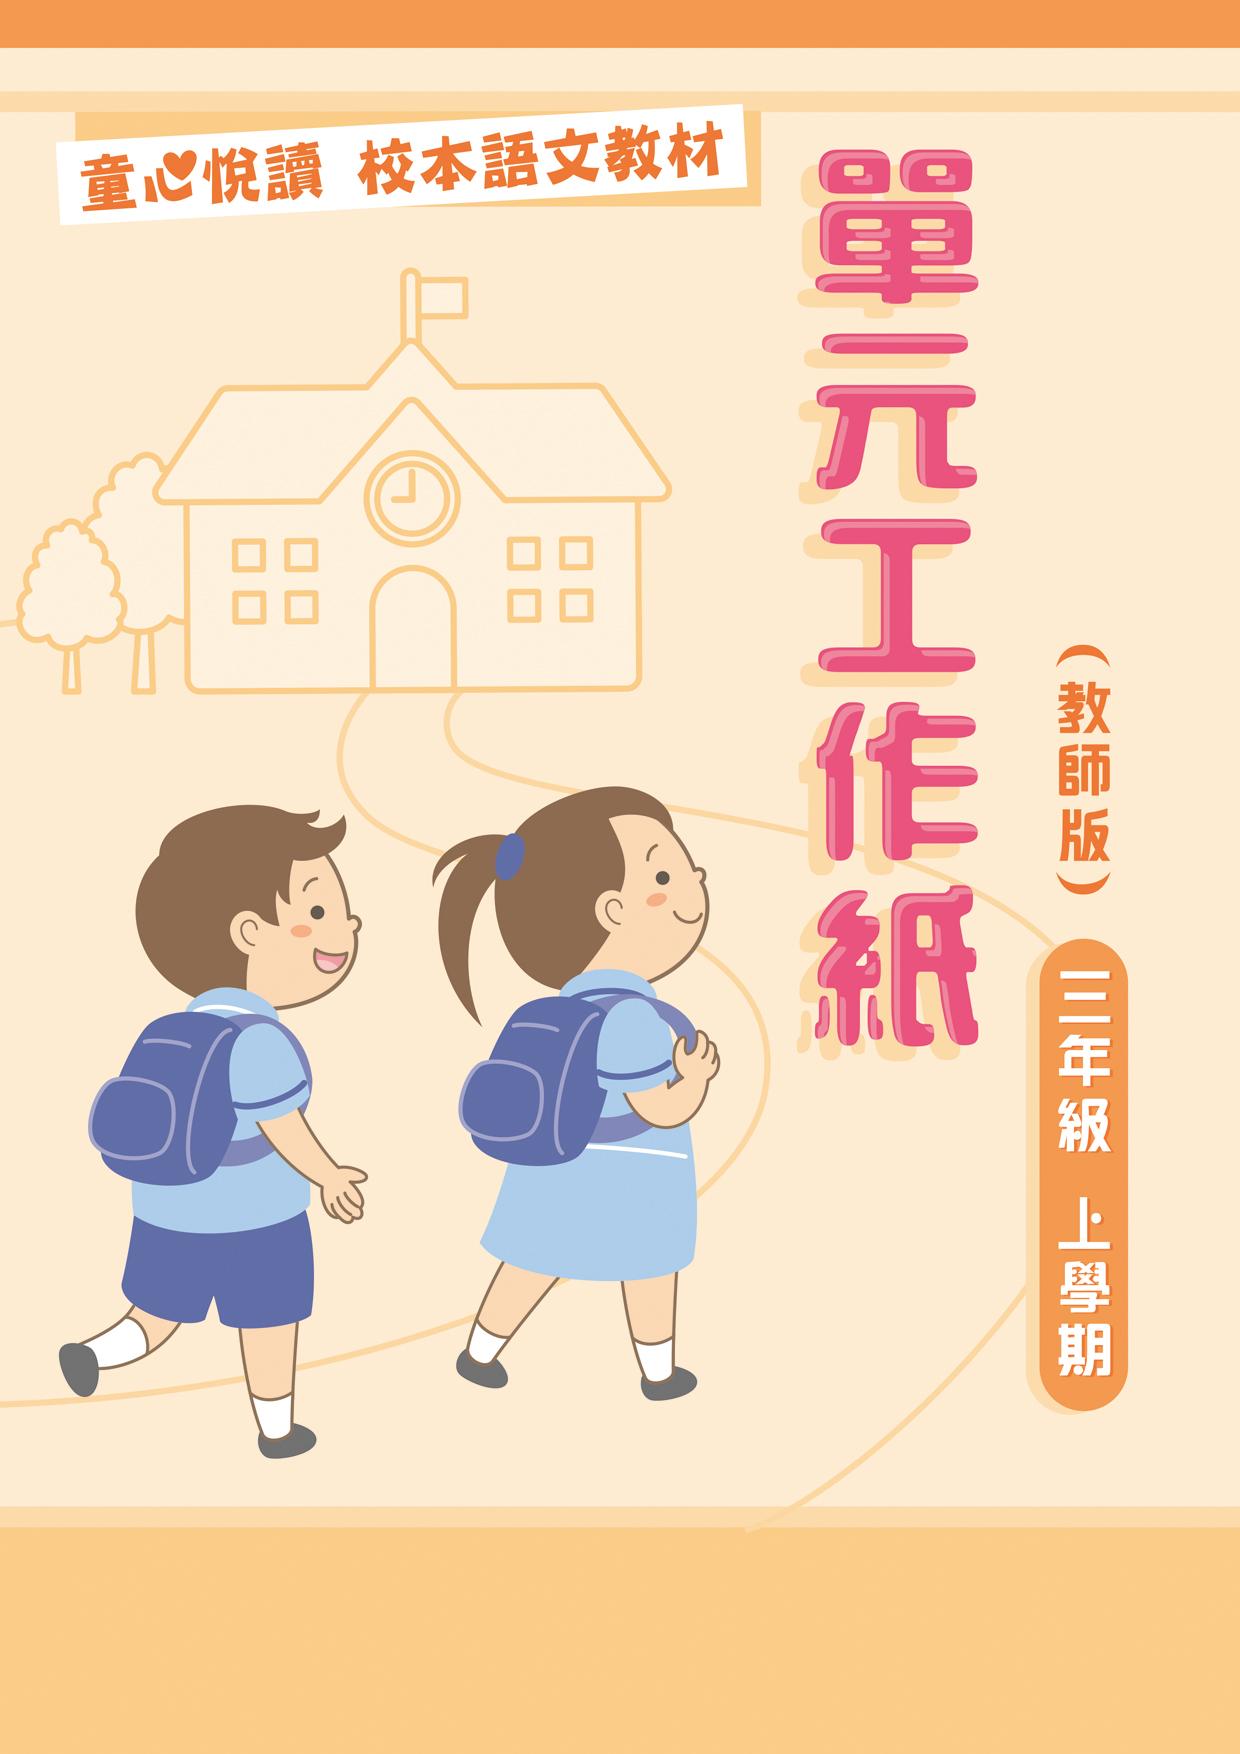 童心悅讀校本語文教材 三年級上學期單元工作紙 - 教師版